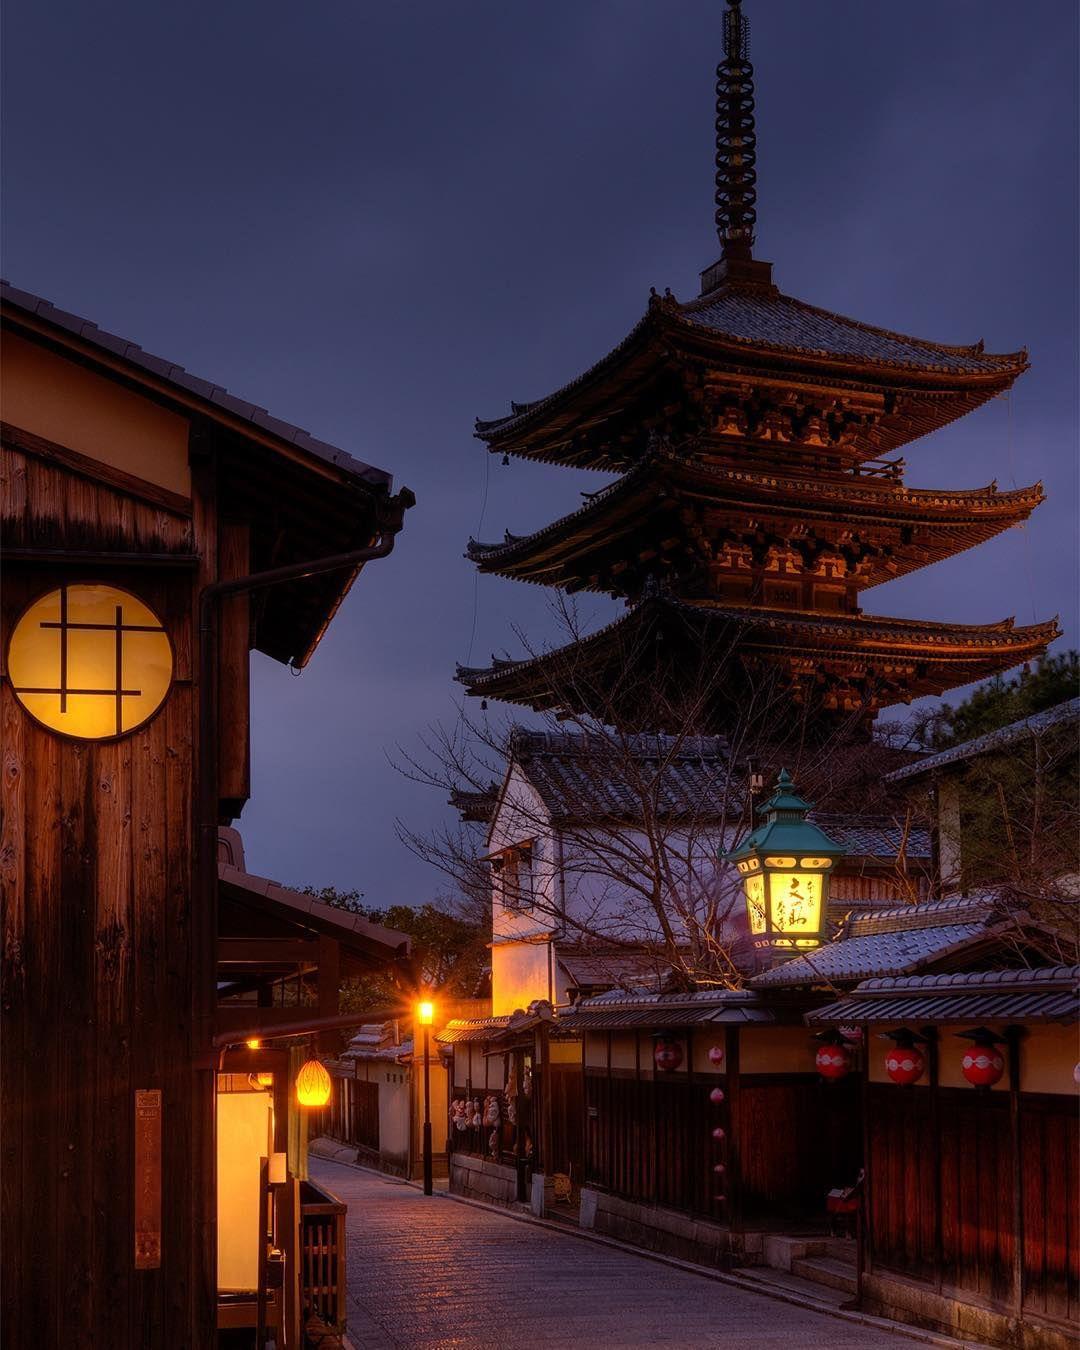 少ない 客 京都 観光 京都のコロナ感染者、なぜ少ない? 混み合う観光地、府民は避けた?考えられる理由は…|医療・コロナ|地域のニュース|京都新聞